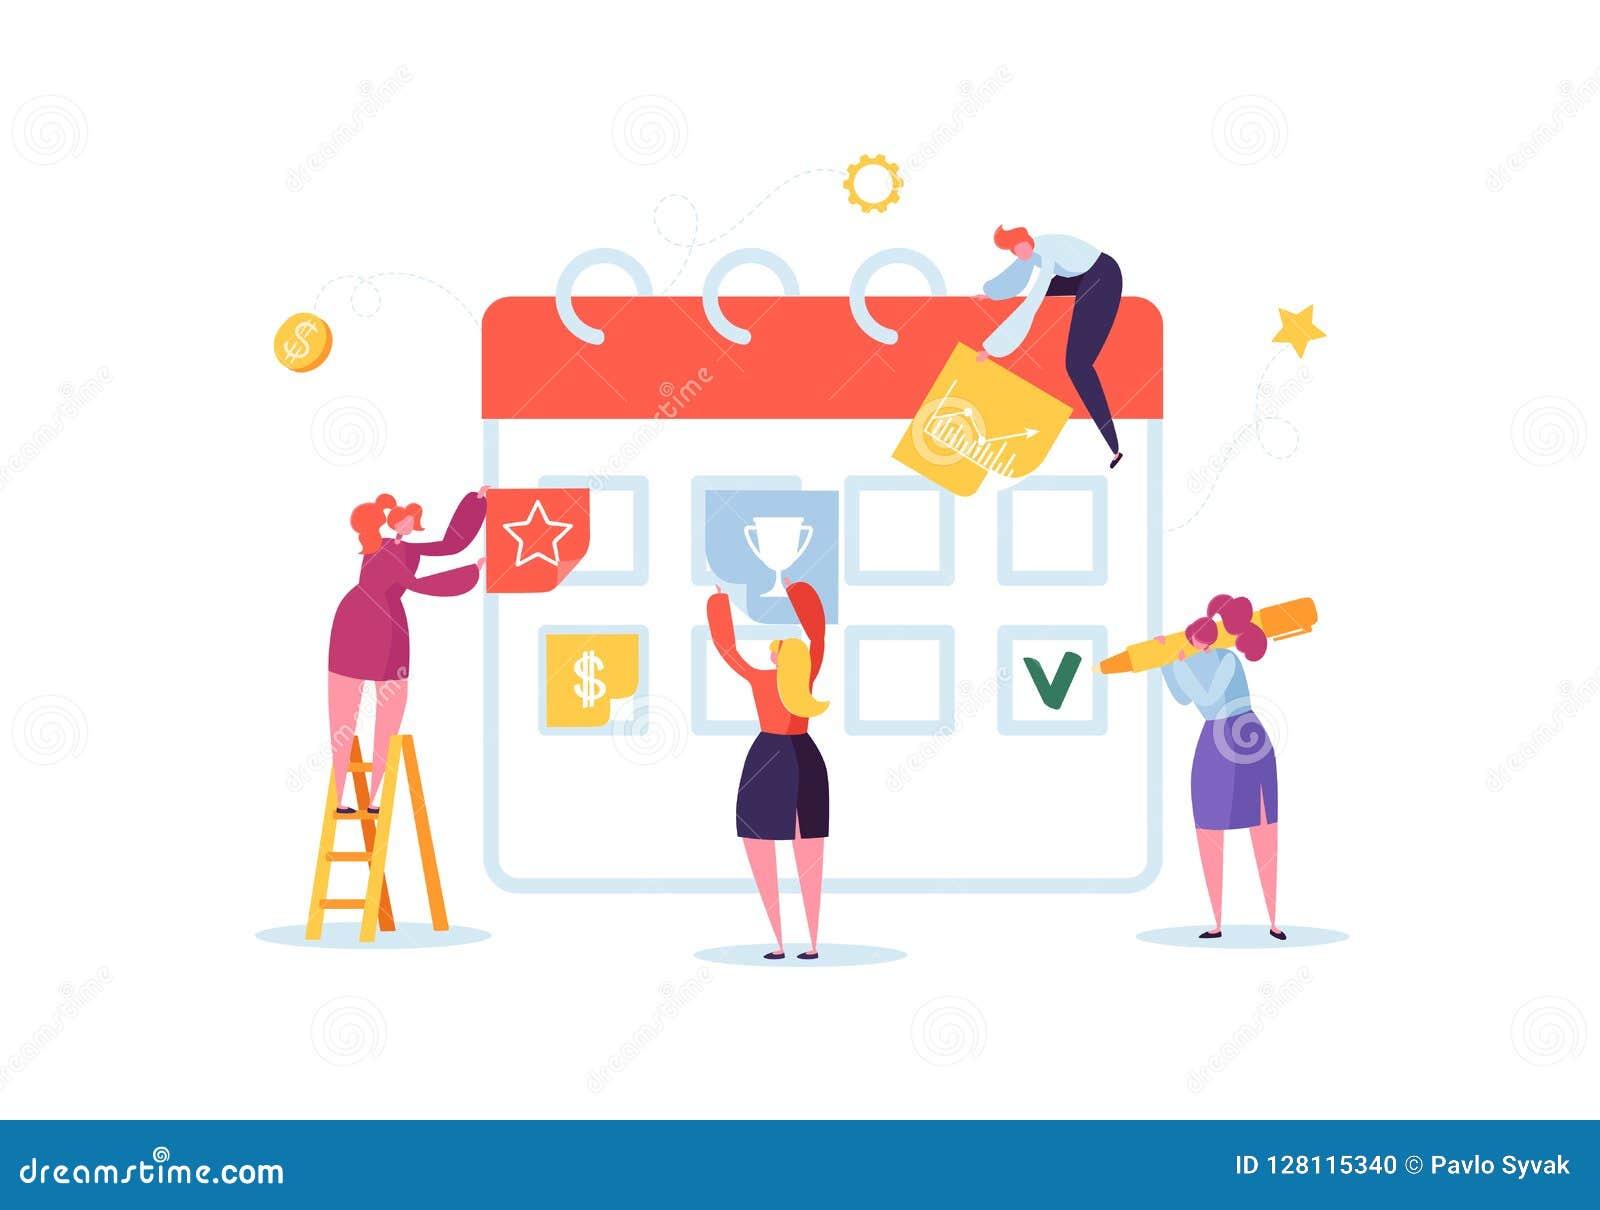 Planungs-Zeitplan-Konzept mit den Geschäfts-Charakteren, die mit Planer arbeiten Team Work Together Flache Leute Teamworking